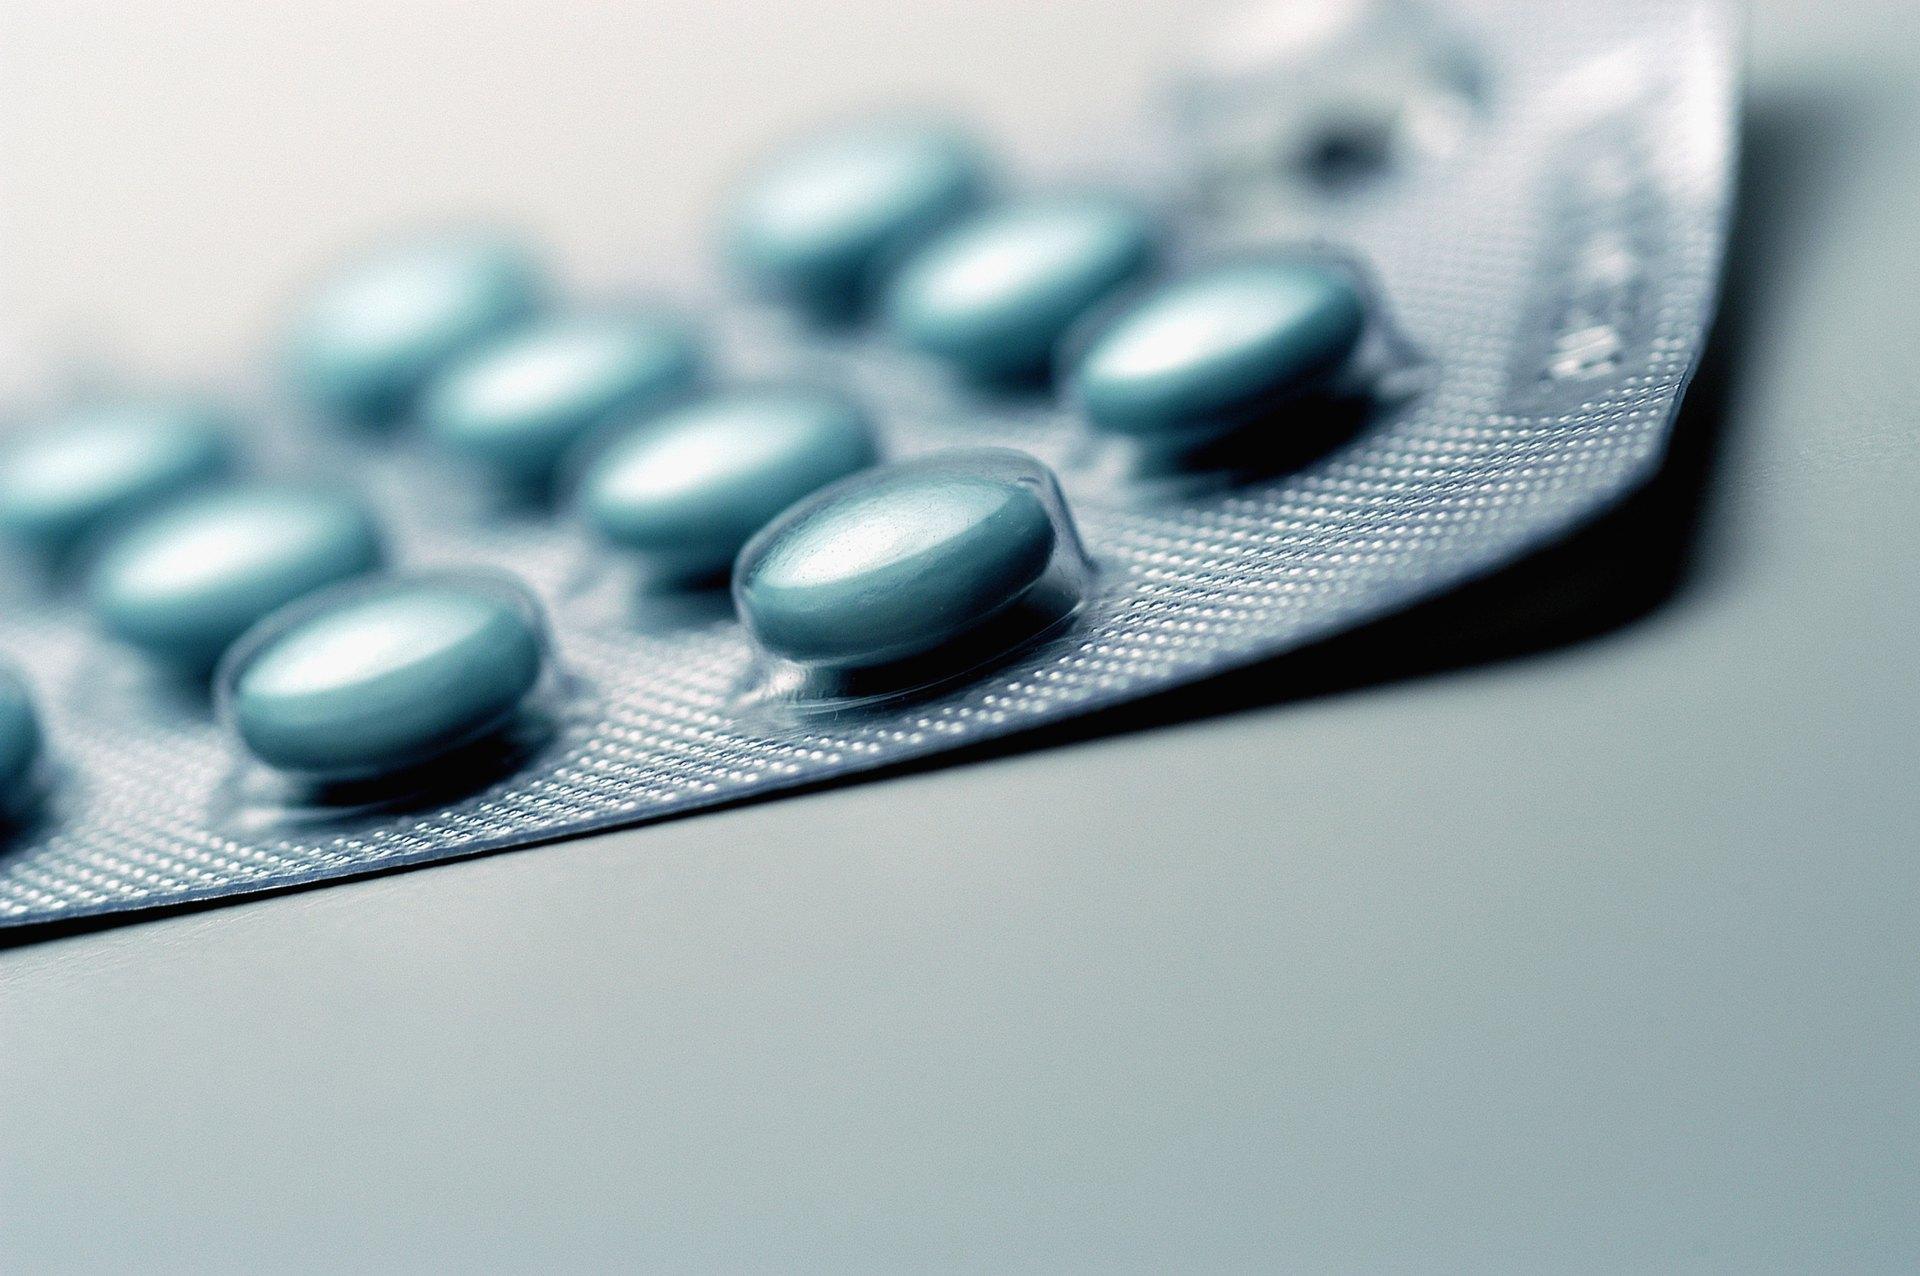 prednisolone 20